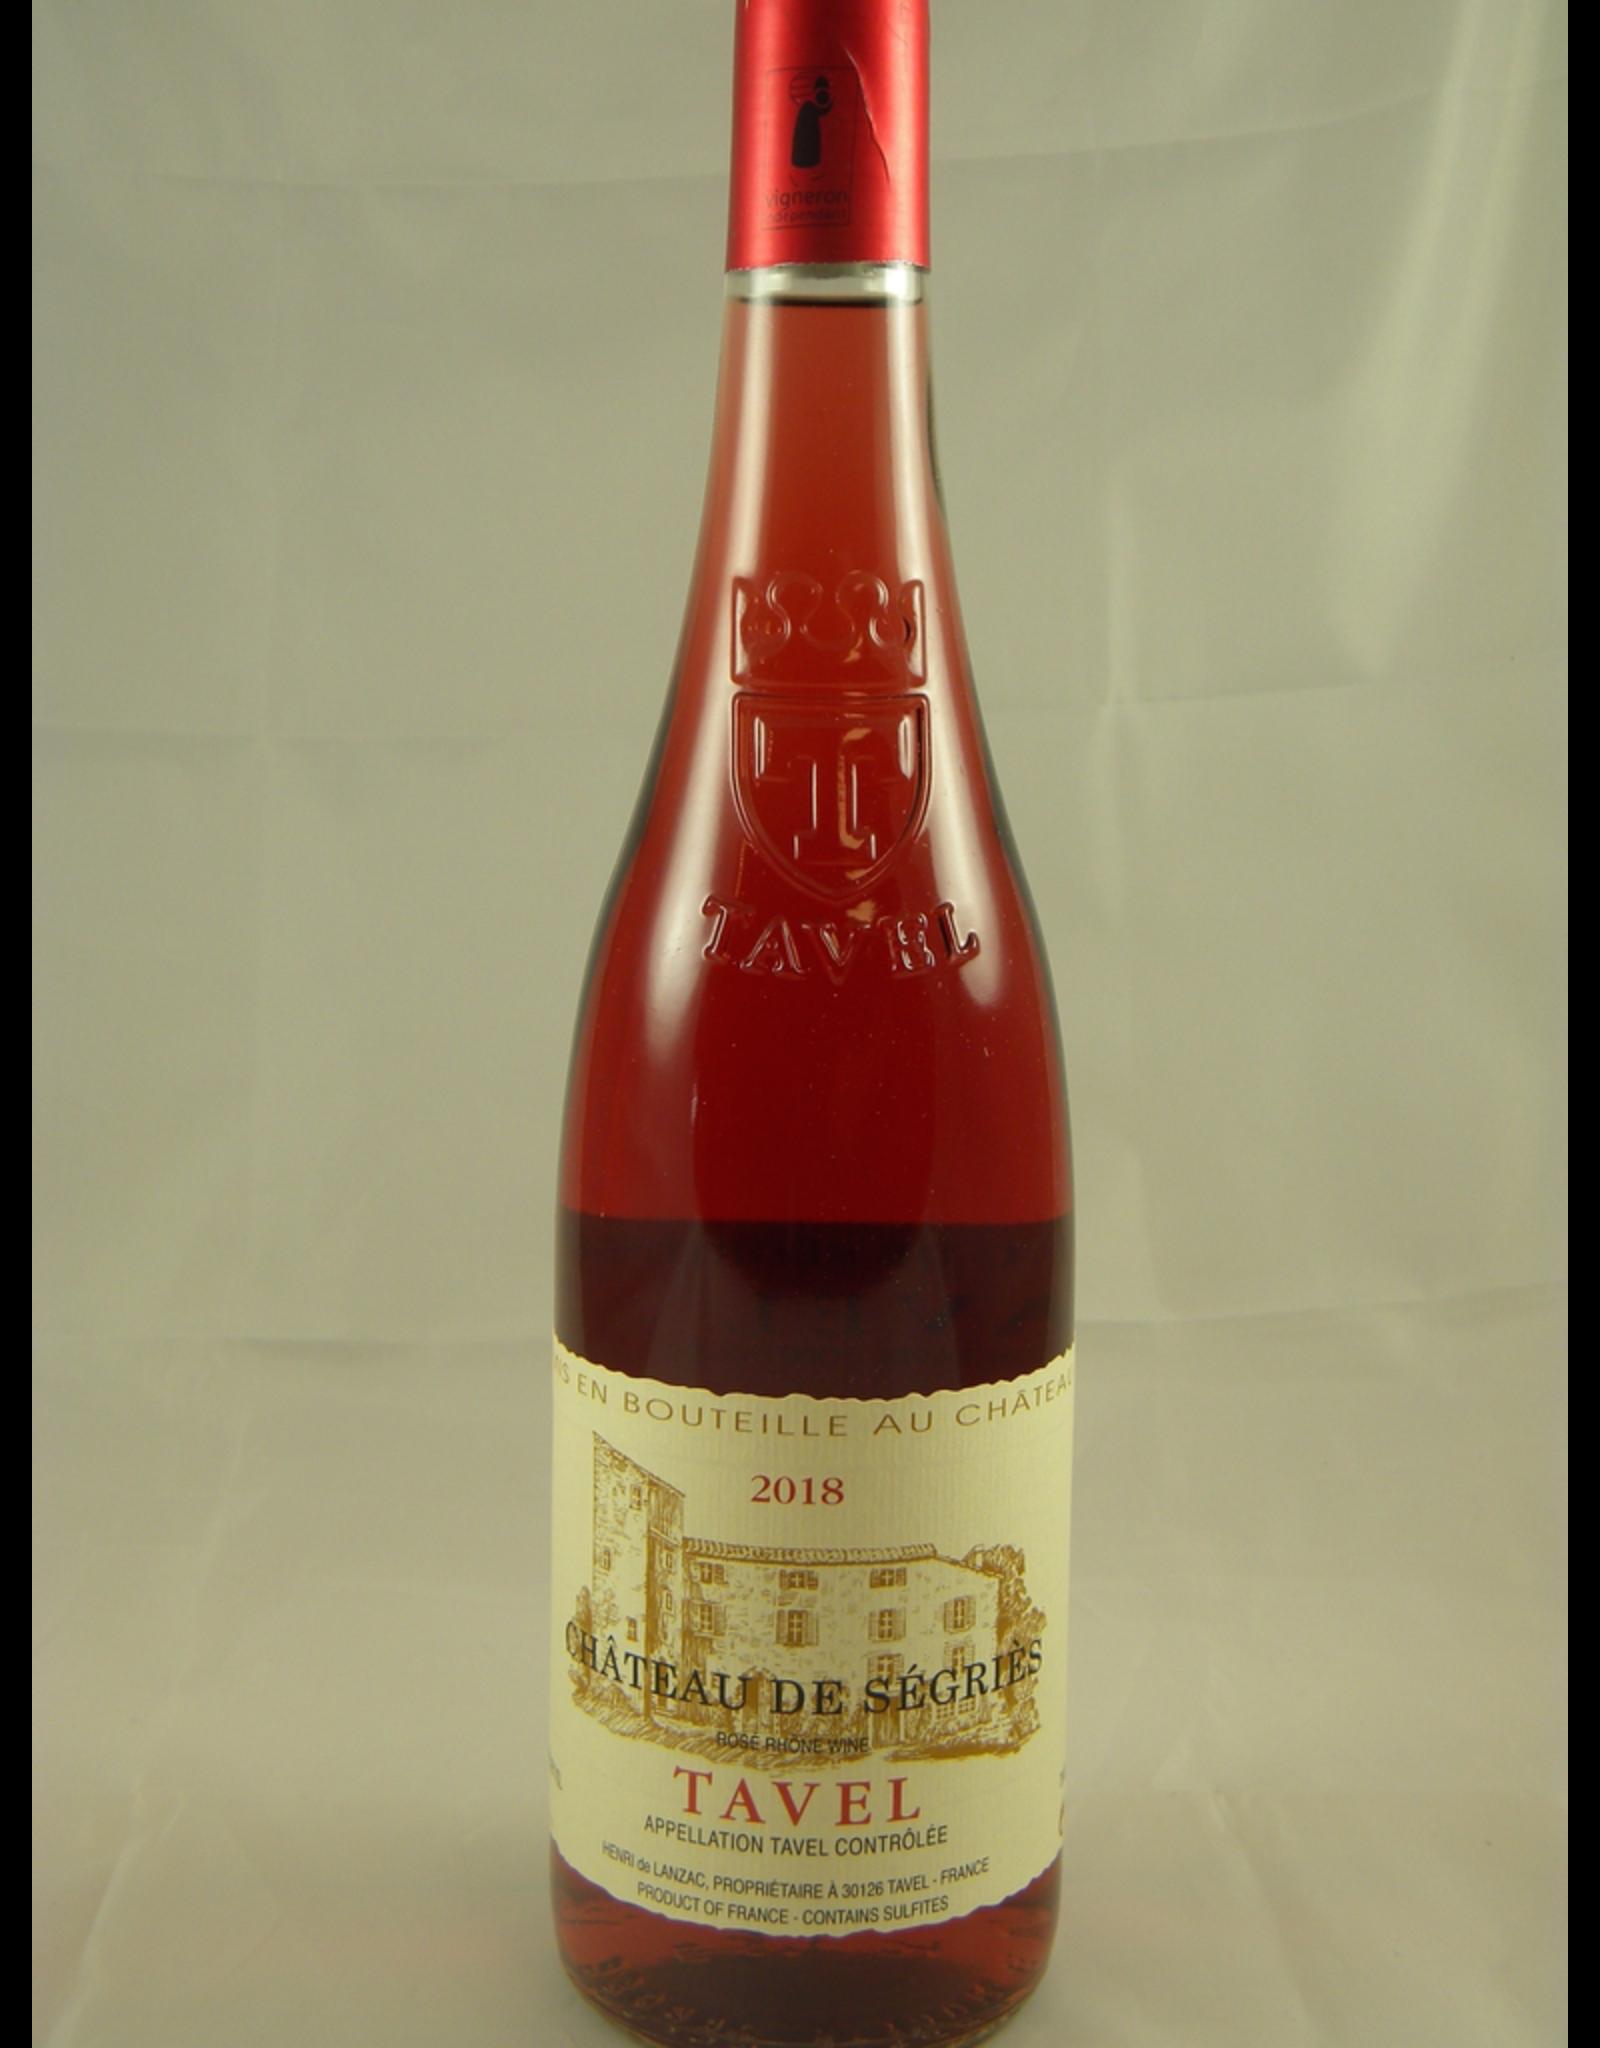 Segries Chateau de Segries Tavel Rosé 2020